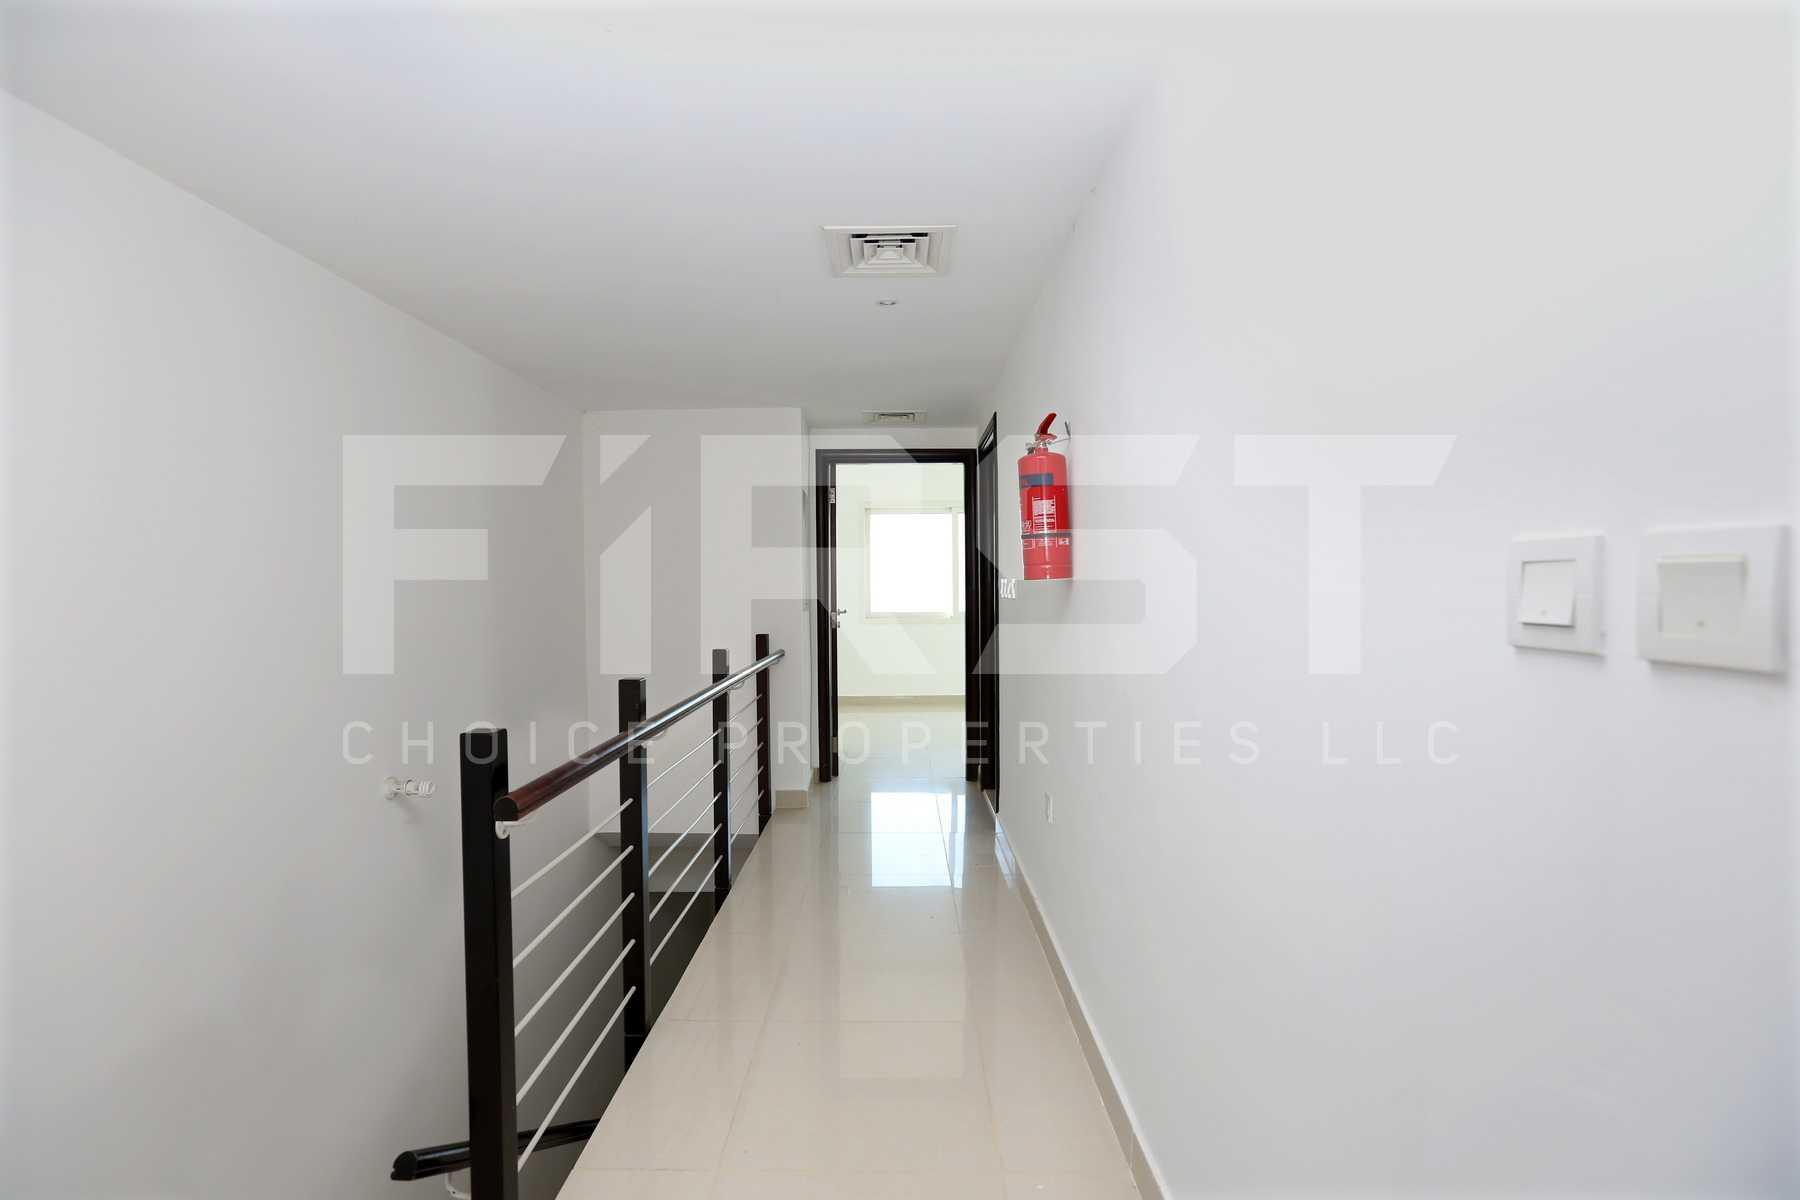 Internal Photo of 2 Bedroom Villa in Al Reef Villas  Al Reef Abu Dhabi UAE 170.2 sq.m 1832 sq.ft (8).jpg